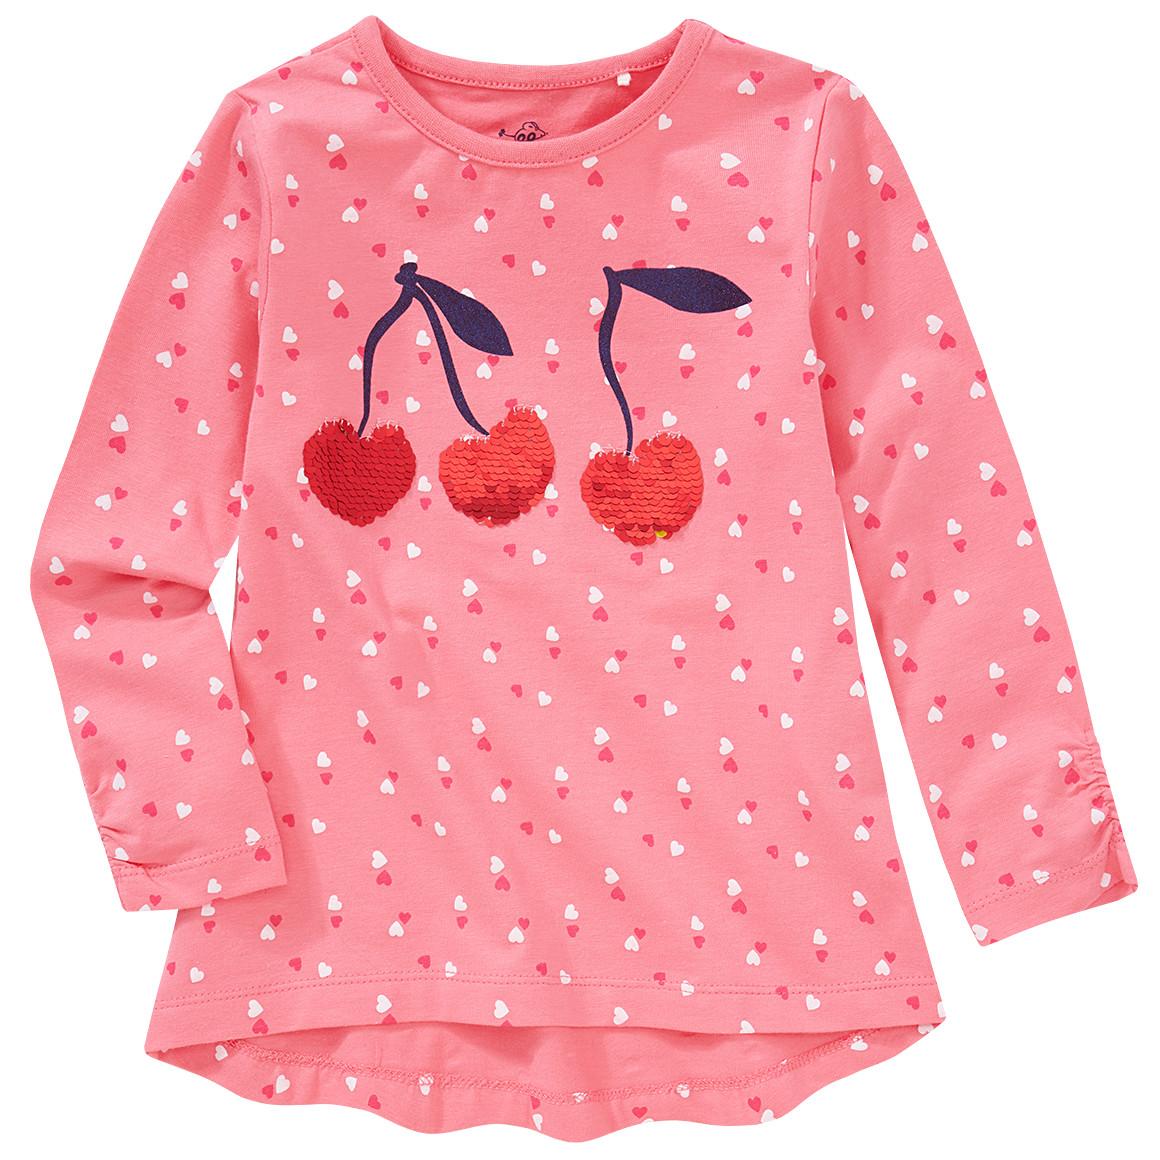 Minigirloberteile - Mädchen Langarmshirt mit Wendepailletten - Onlineshop Ernstings family